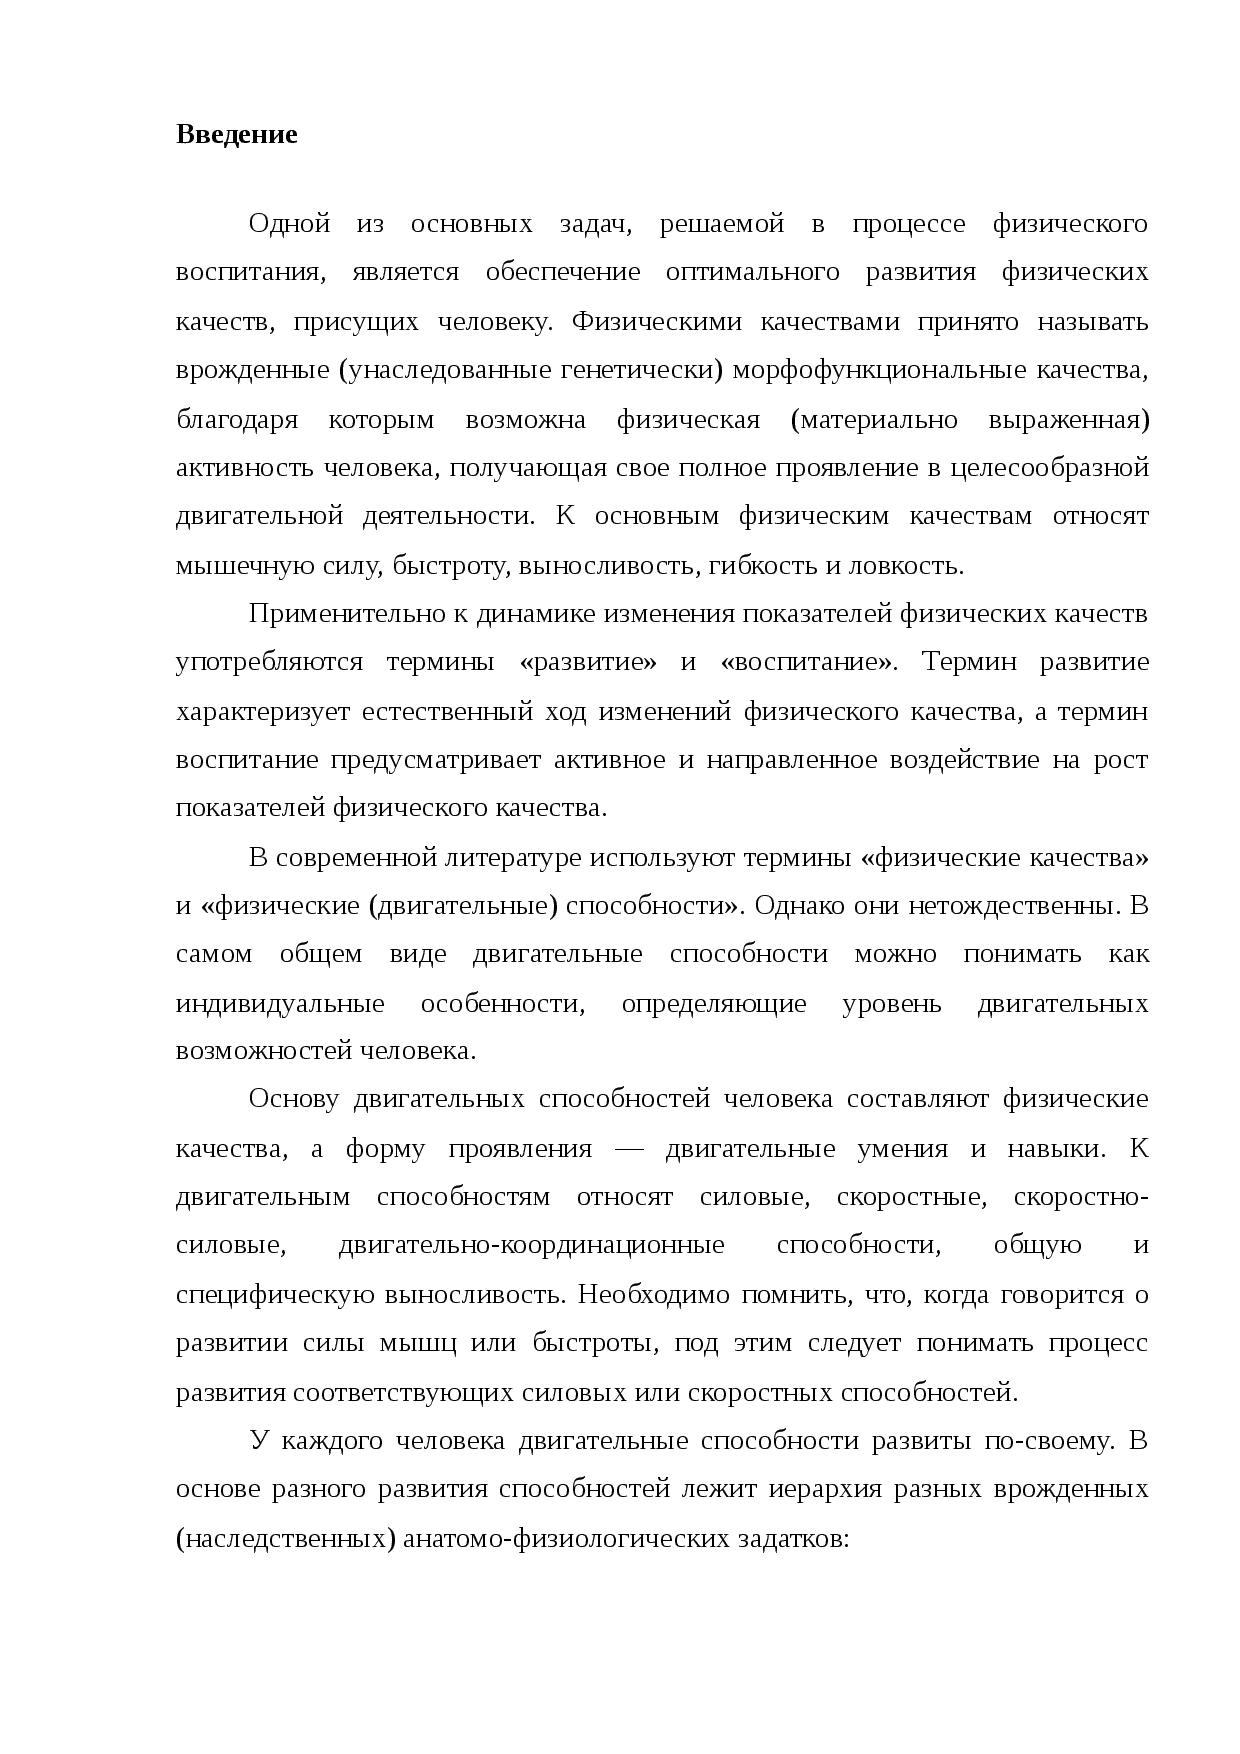 Значение и виды способностей в психологии